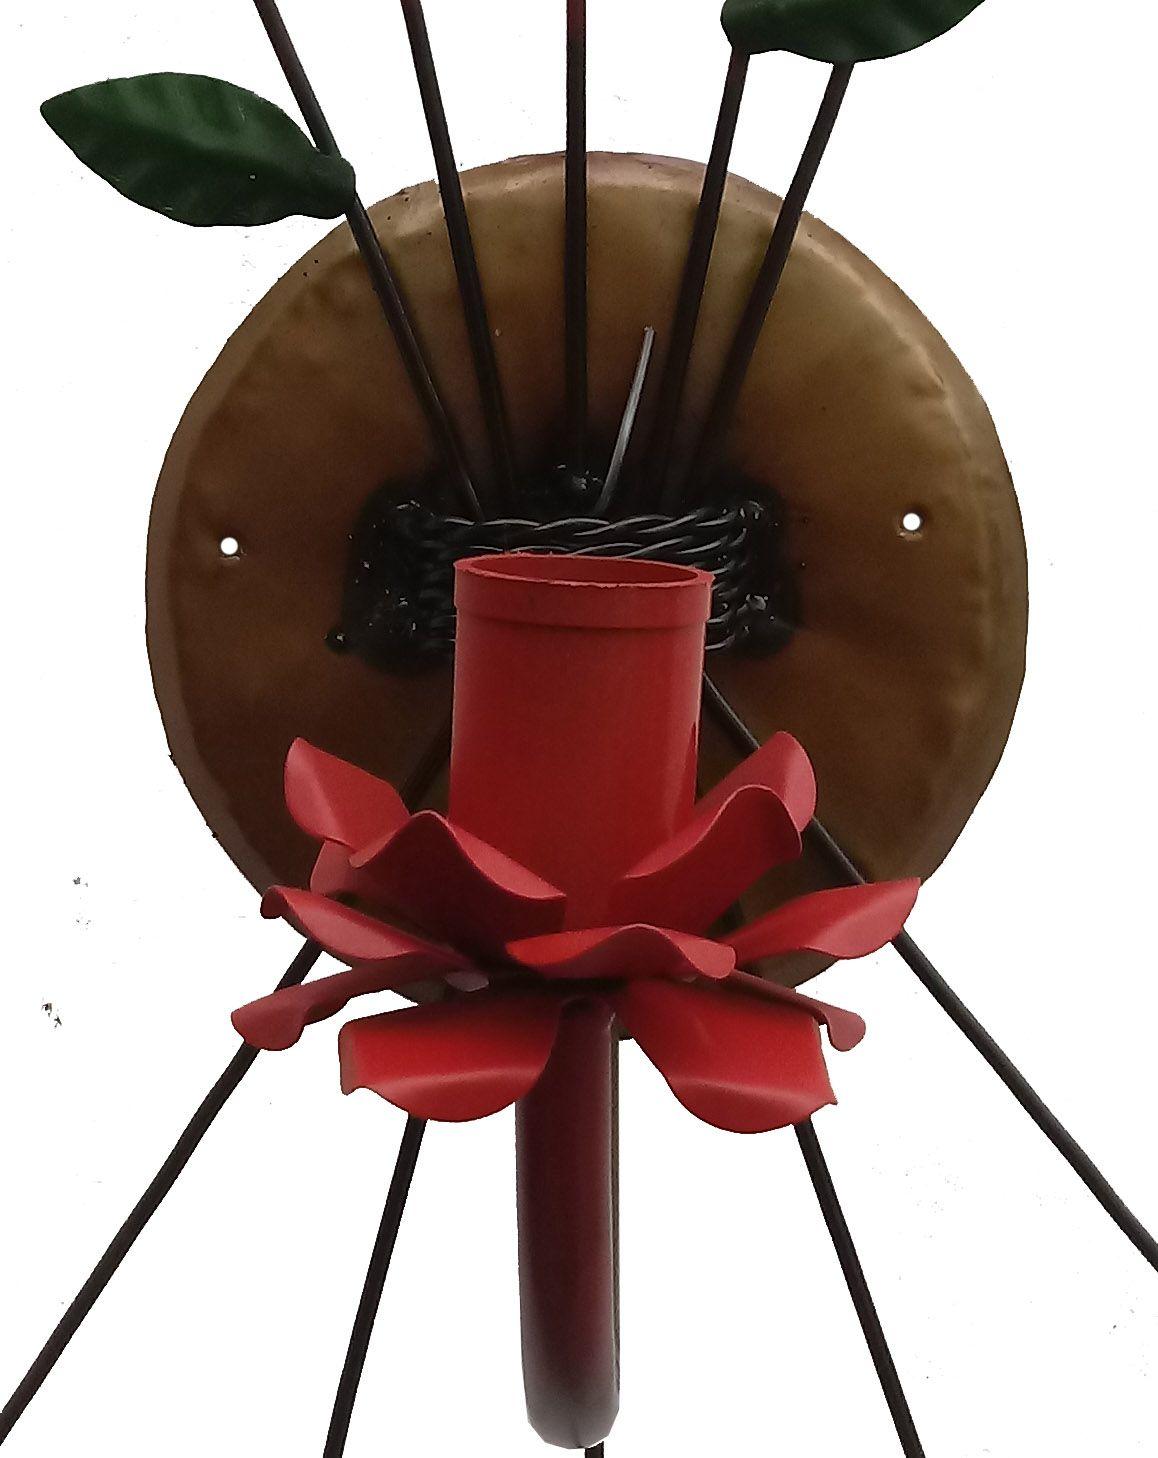 Luminaria de Parede com Flores de Metal Artesanal para Quarto Solteiro